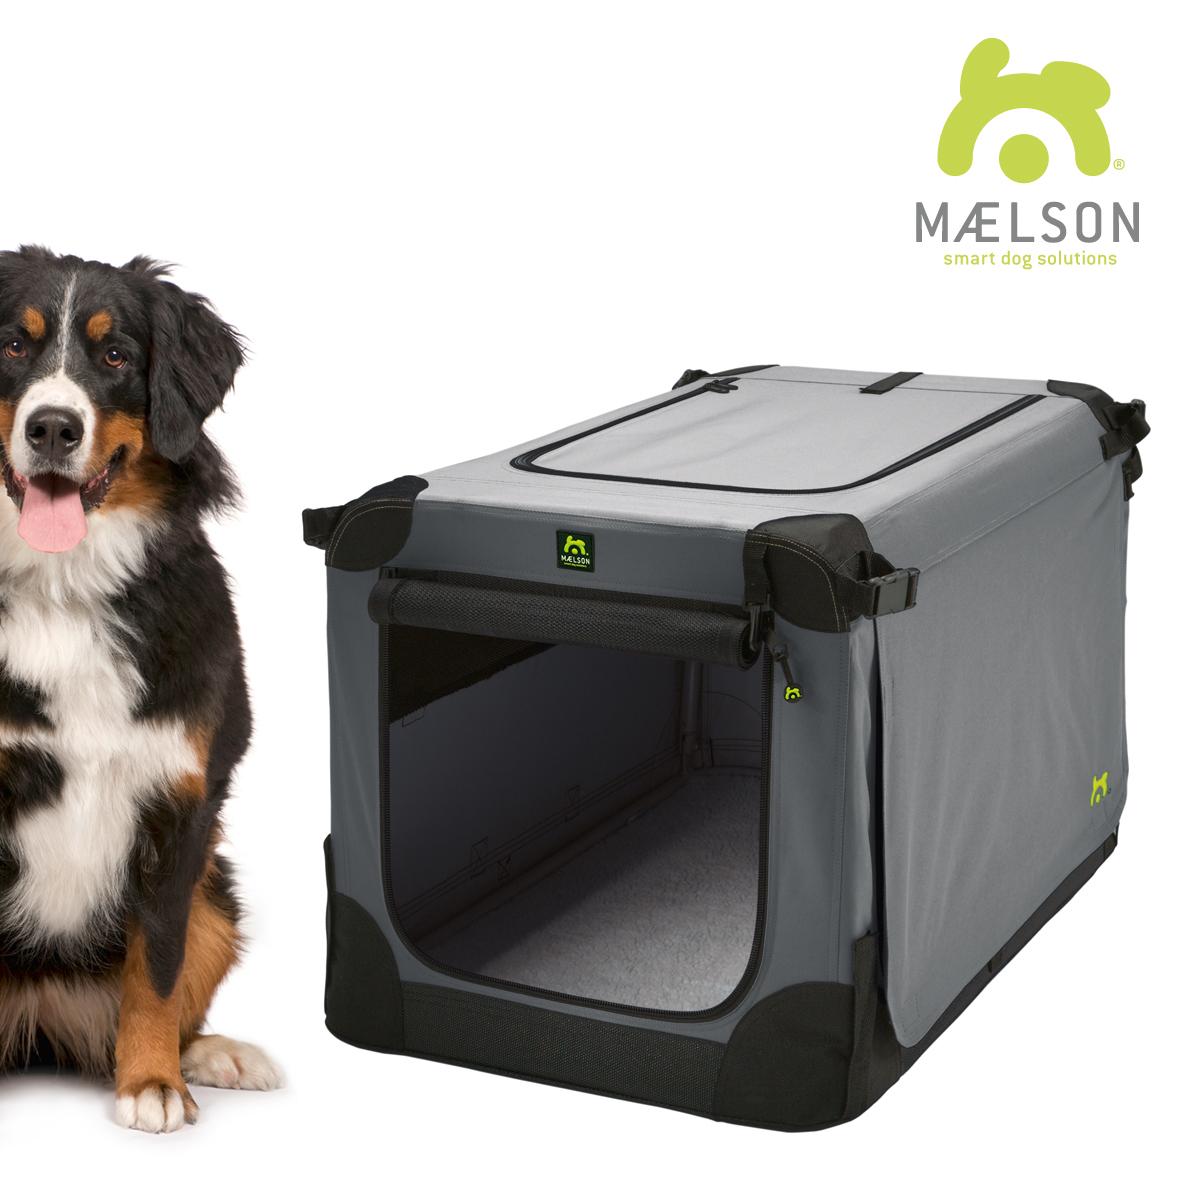 Přepravka pro psy Maelson - černo-šedá - XXXL, 120x77x86 cm